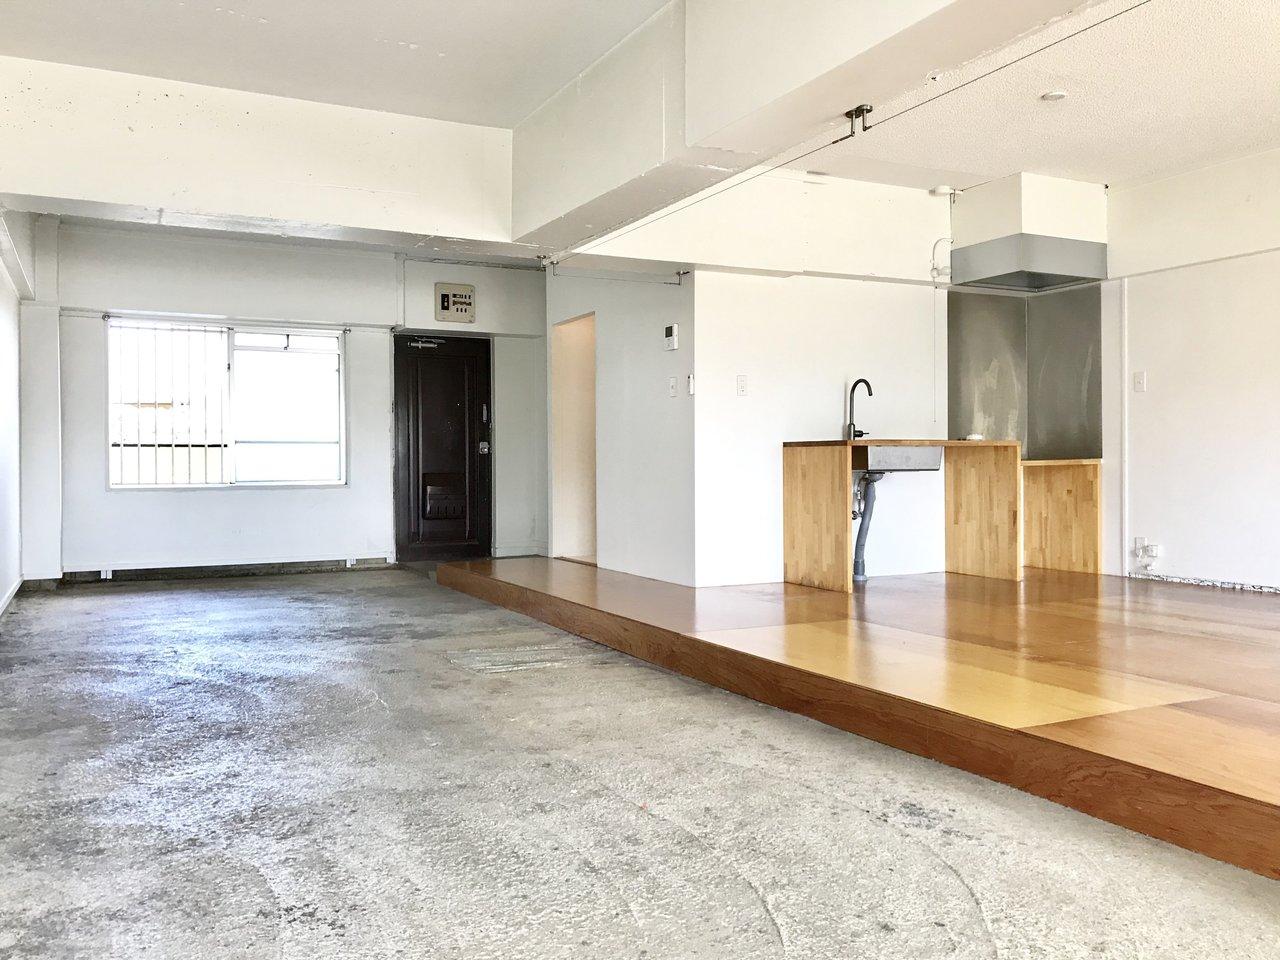 かなり思い切ったワンルームリノベ。なんと約16畳の広々の土間がついています。グリーンを飾ったりソファをどーんと置いたり。楽しみ広がります。